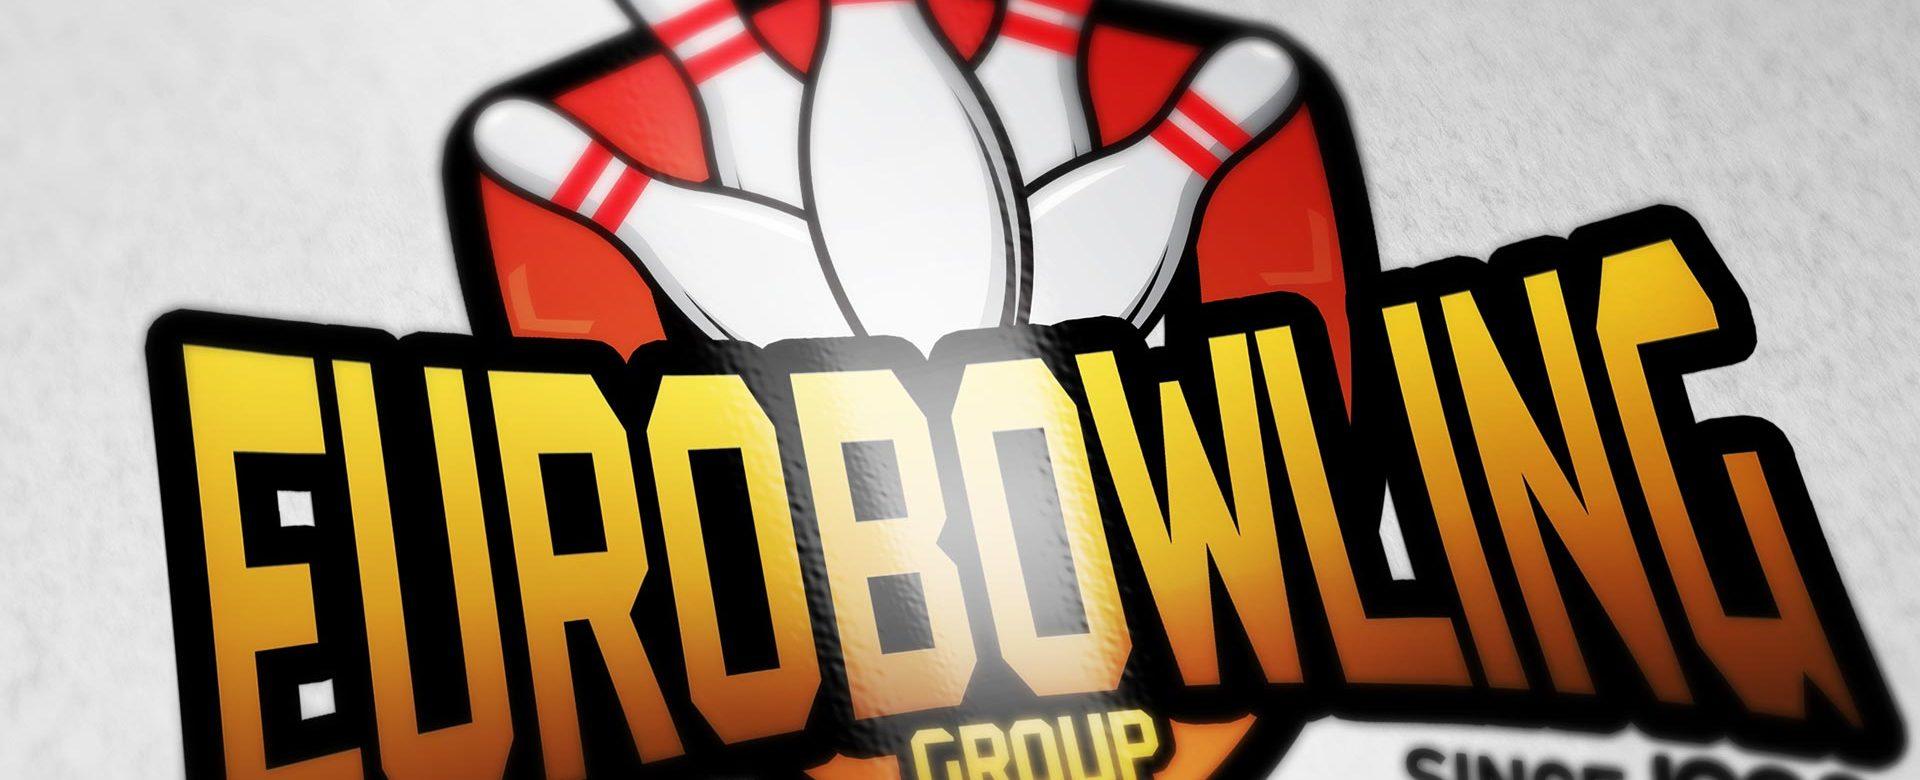 eurobowling-group-logo-corse